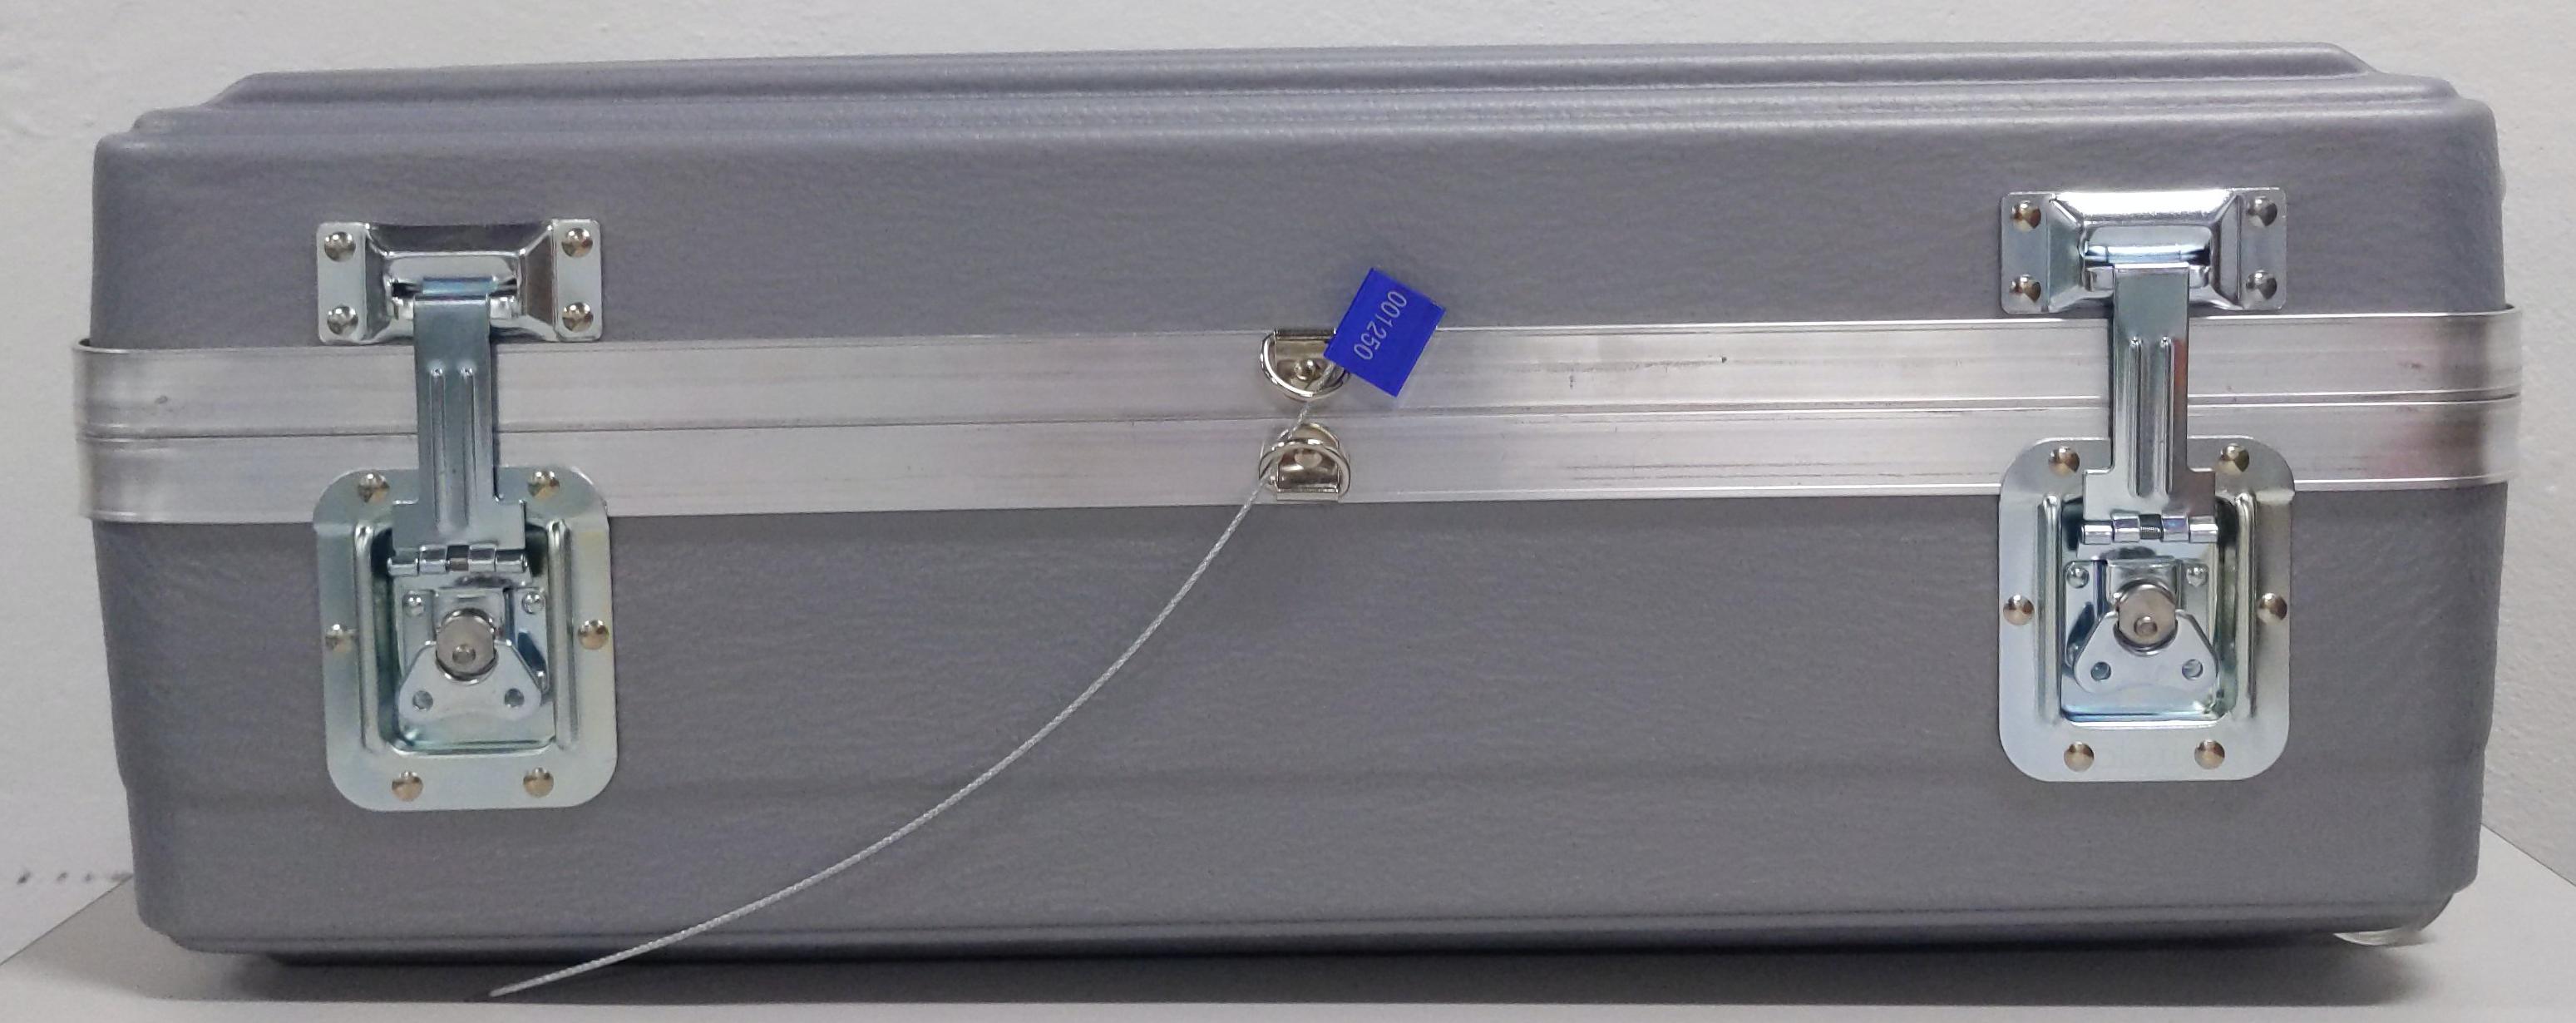 Insertion du câble du scellé de sécurité dans les anneaux en D de la mallette d'expédition